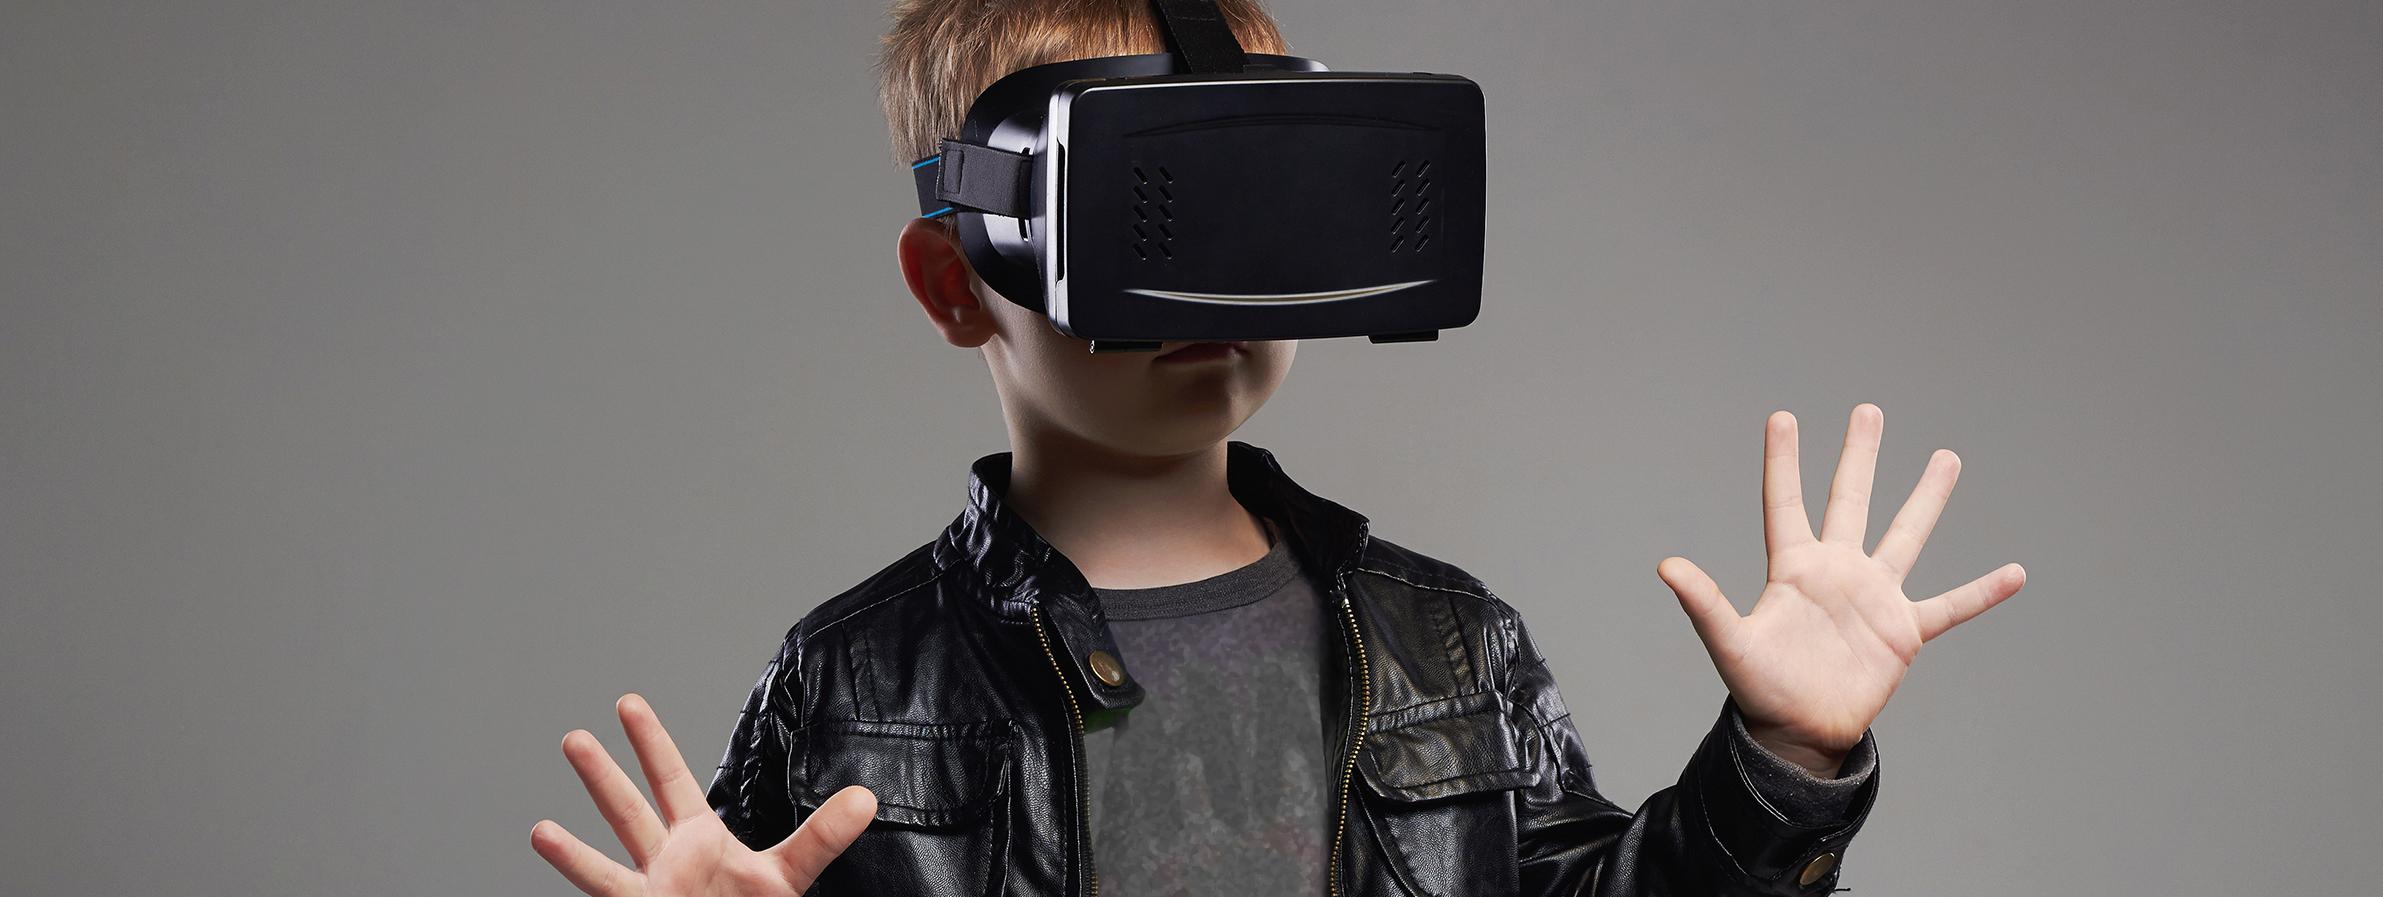 Teknoloji Çocuklarla İletişimimize Destek mi Köstek mi?